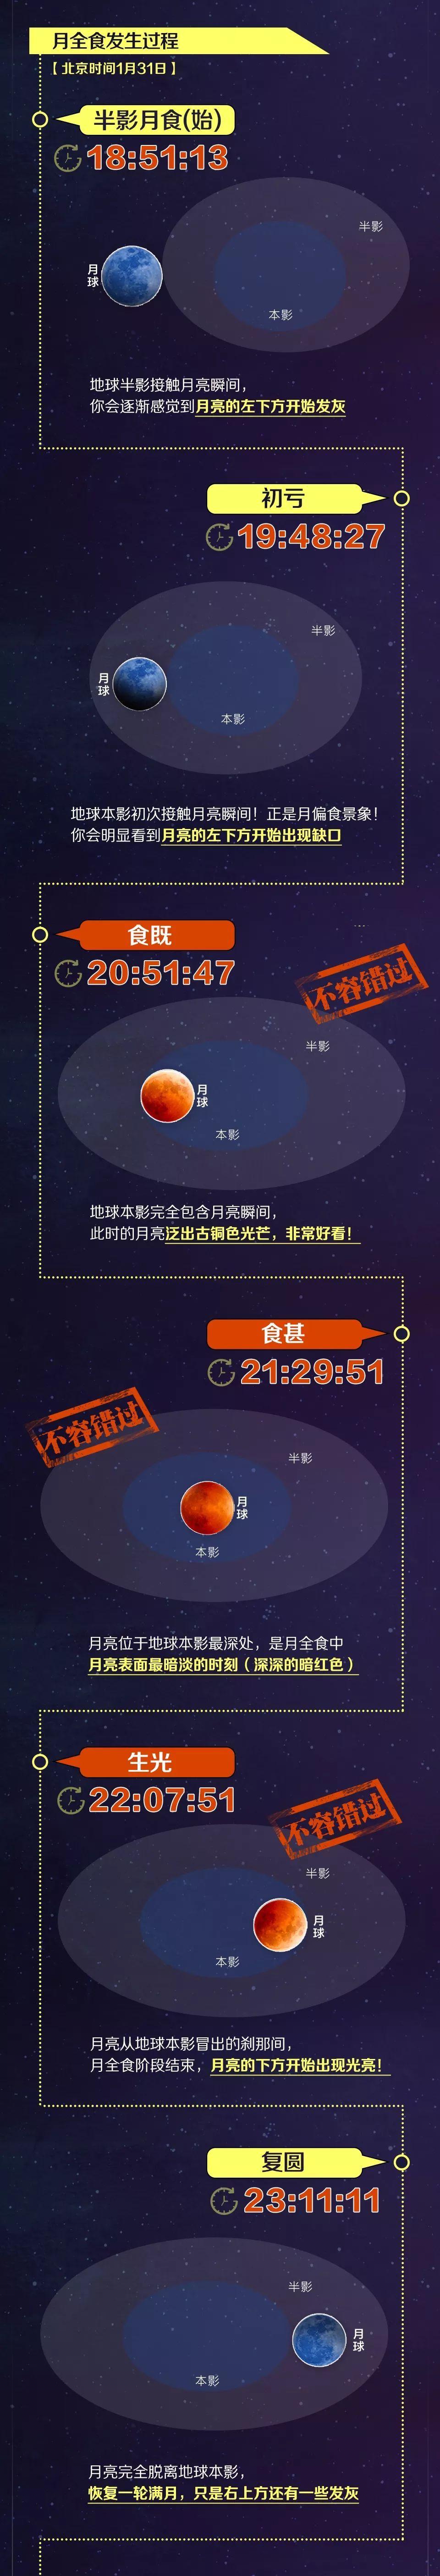 【原创】超级月全食(初亏) (华夏文学同题) - 马骁-v-mzm - 马骁